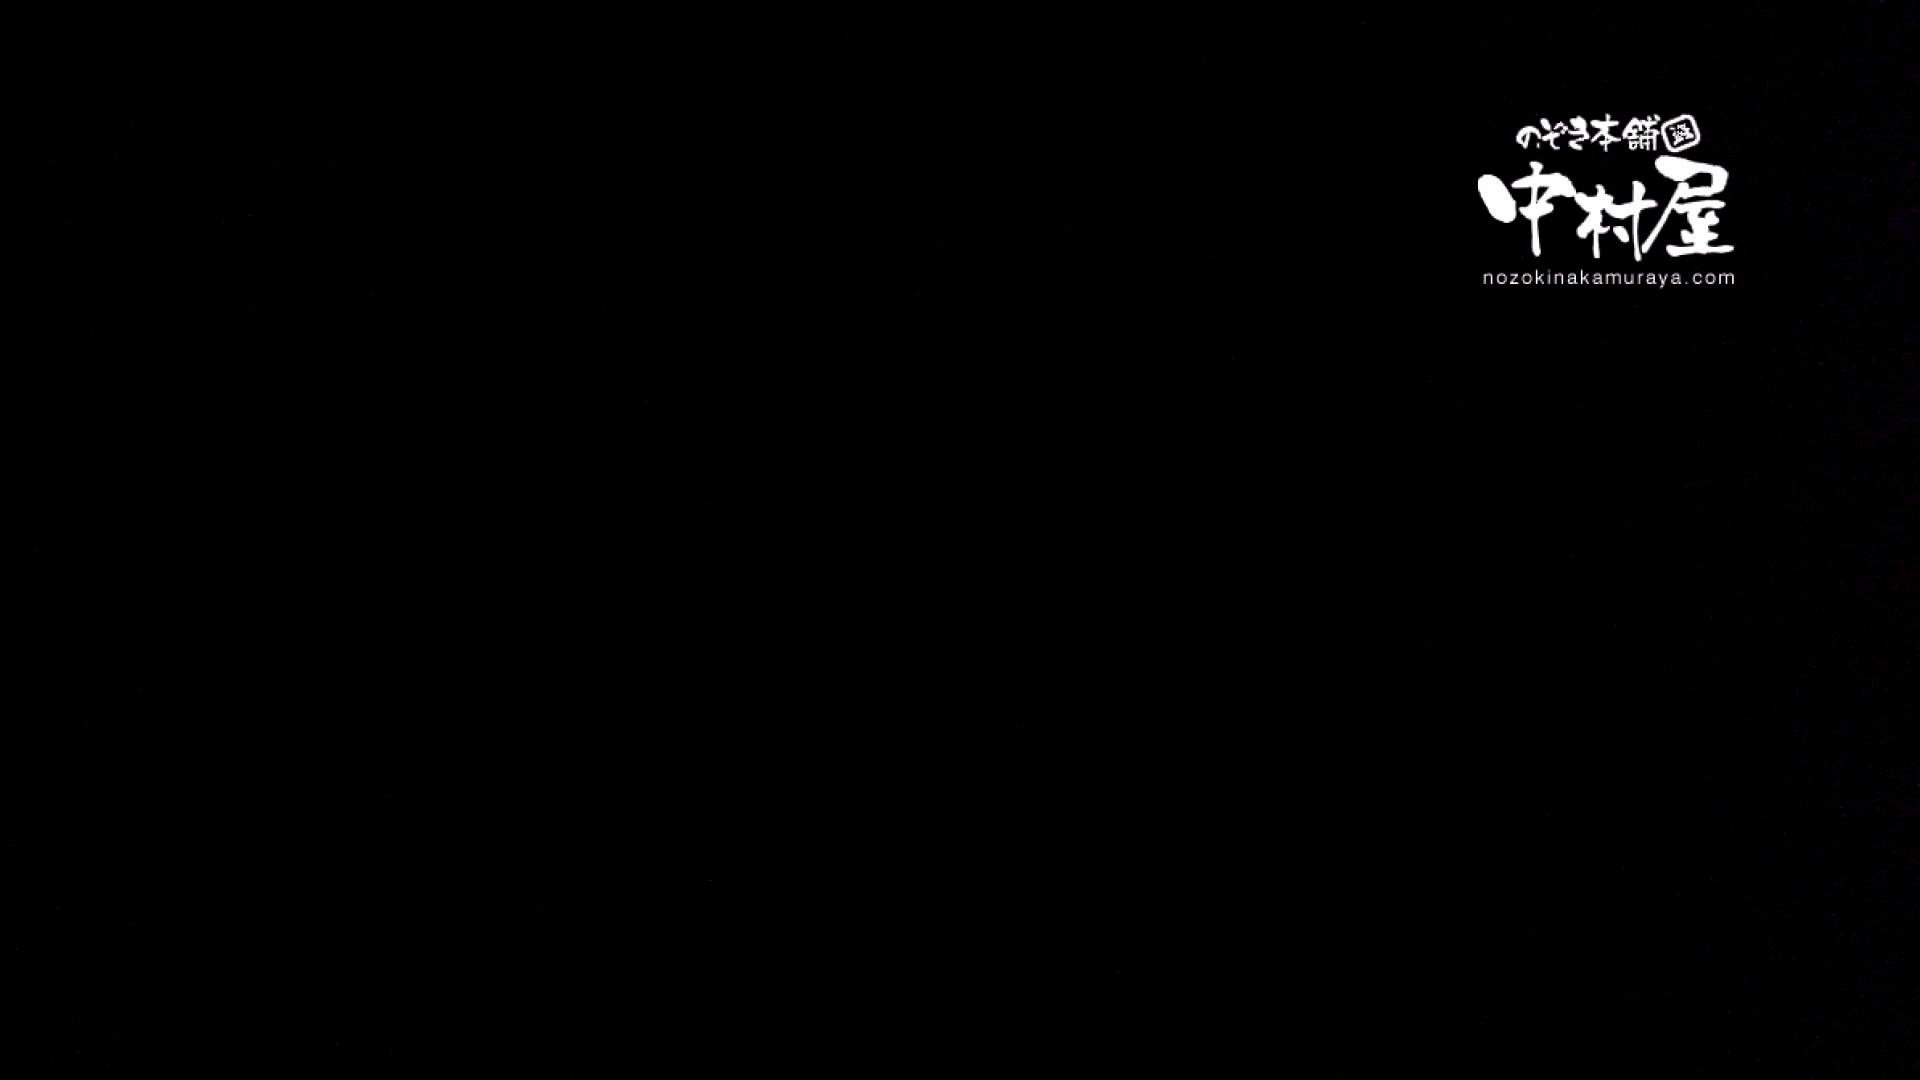 鬼畜 vol.16 実はマンざらでもない柔らかおっぱいちゃん 前編 鬼畜 | おっぱい  113PIX 73